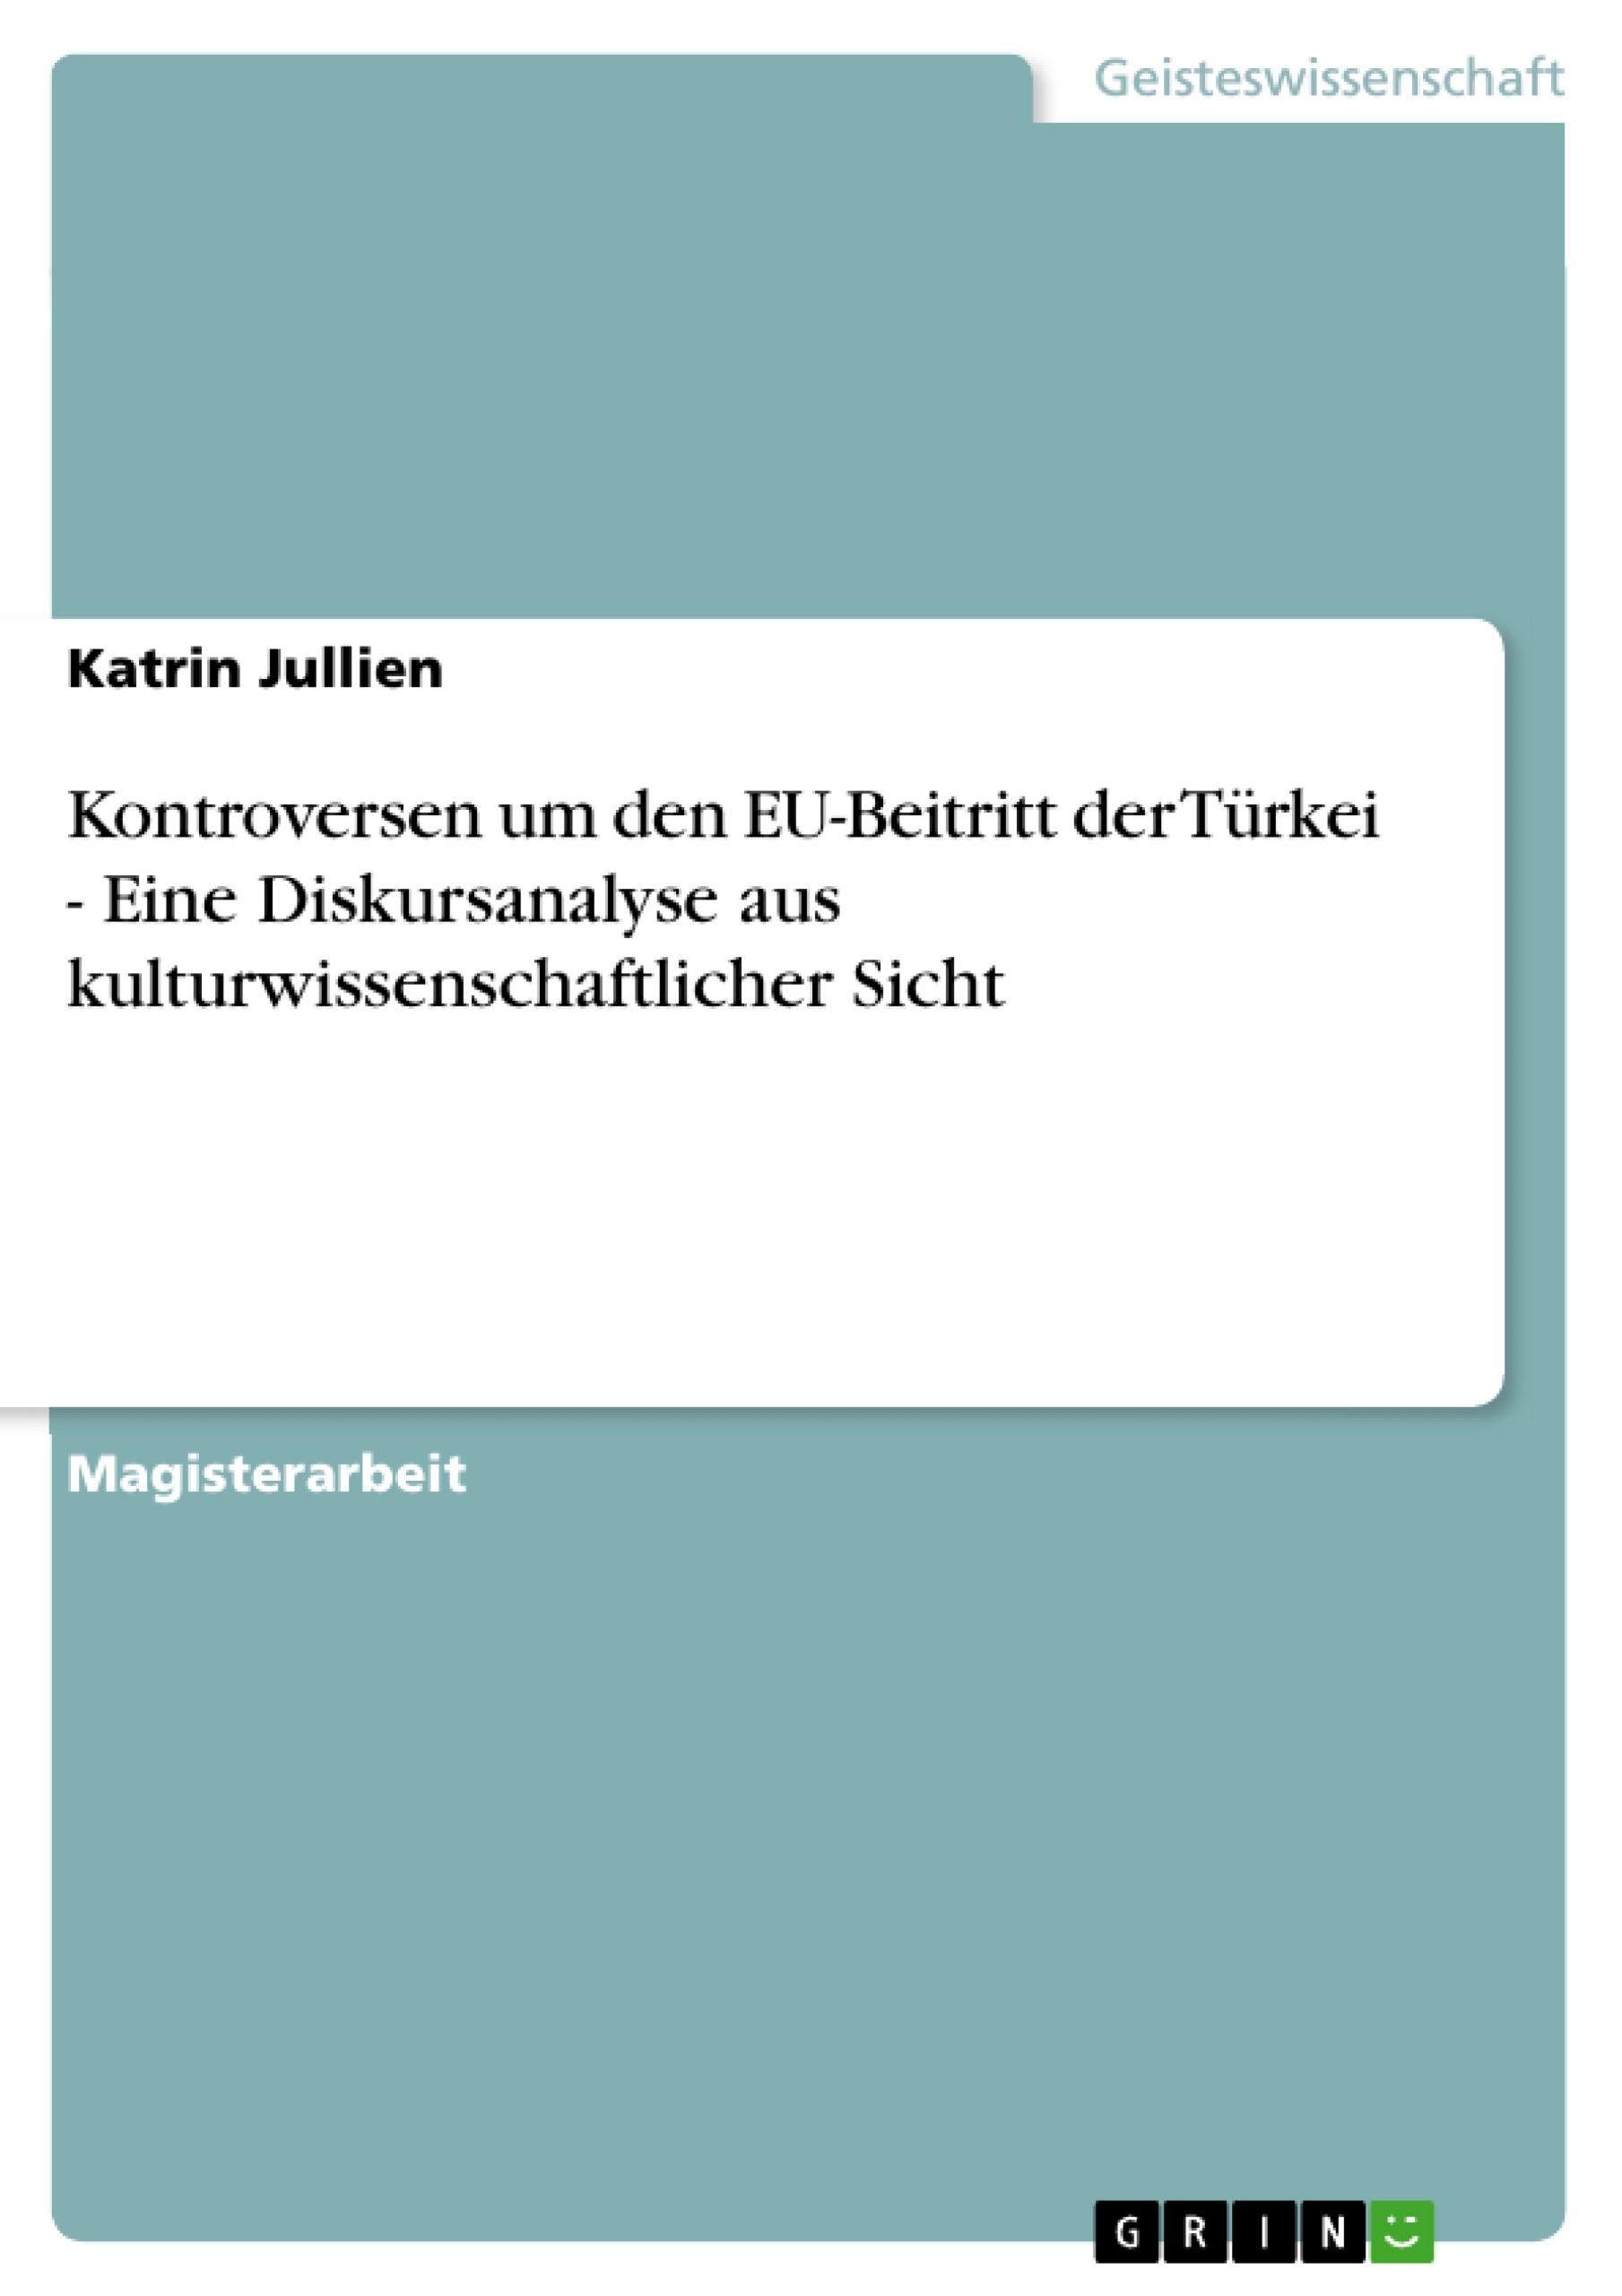 Titel: Kontroversen um den EU-Beitritt der Türkei - Eine Diskursanalyse aus kulturwissenschaftlicher Sicht